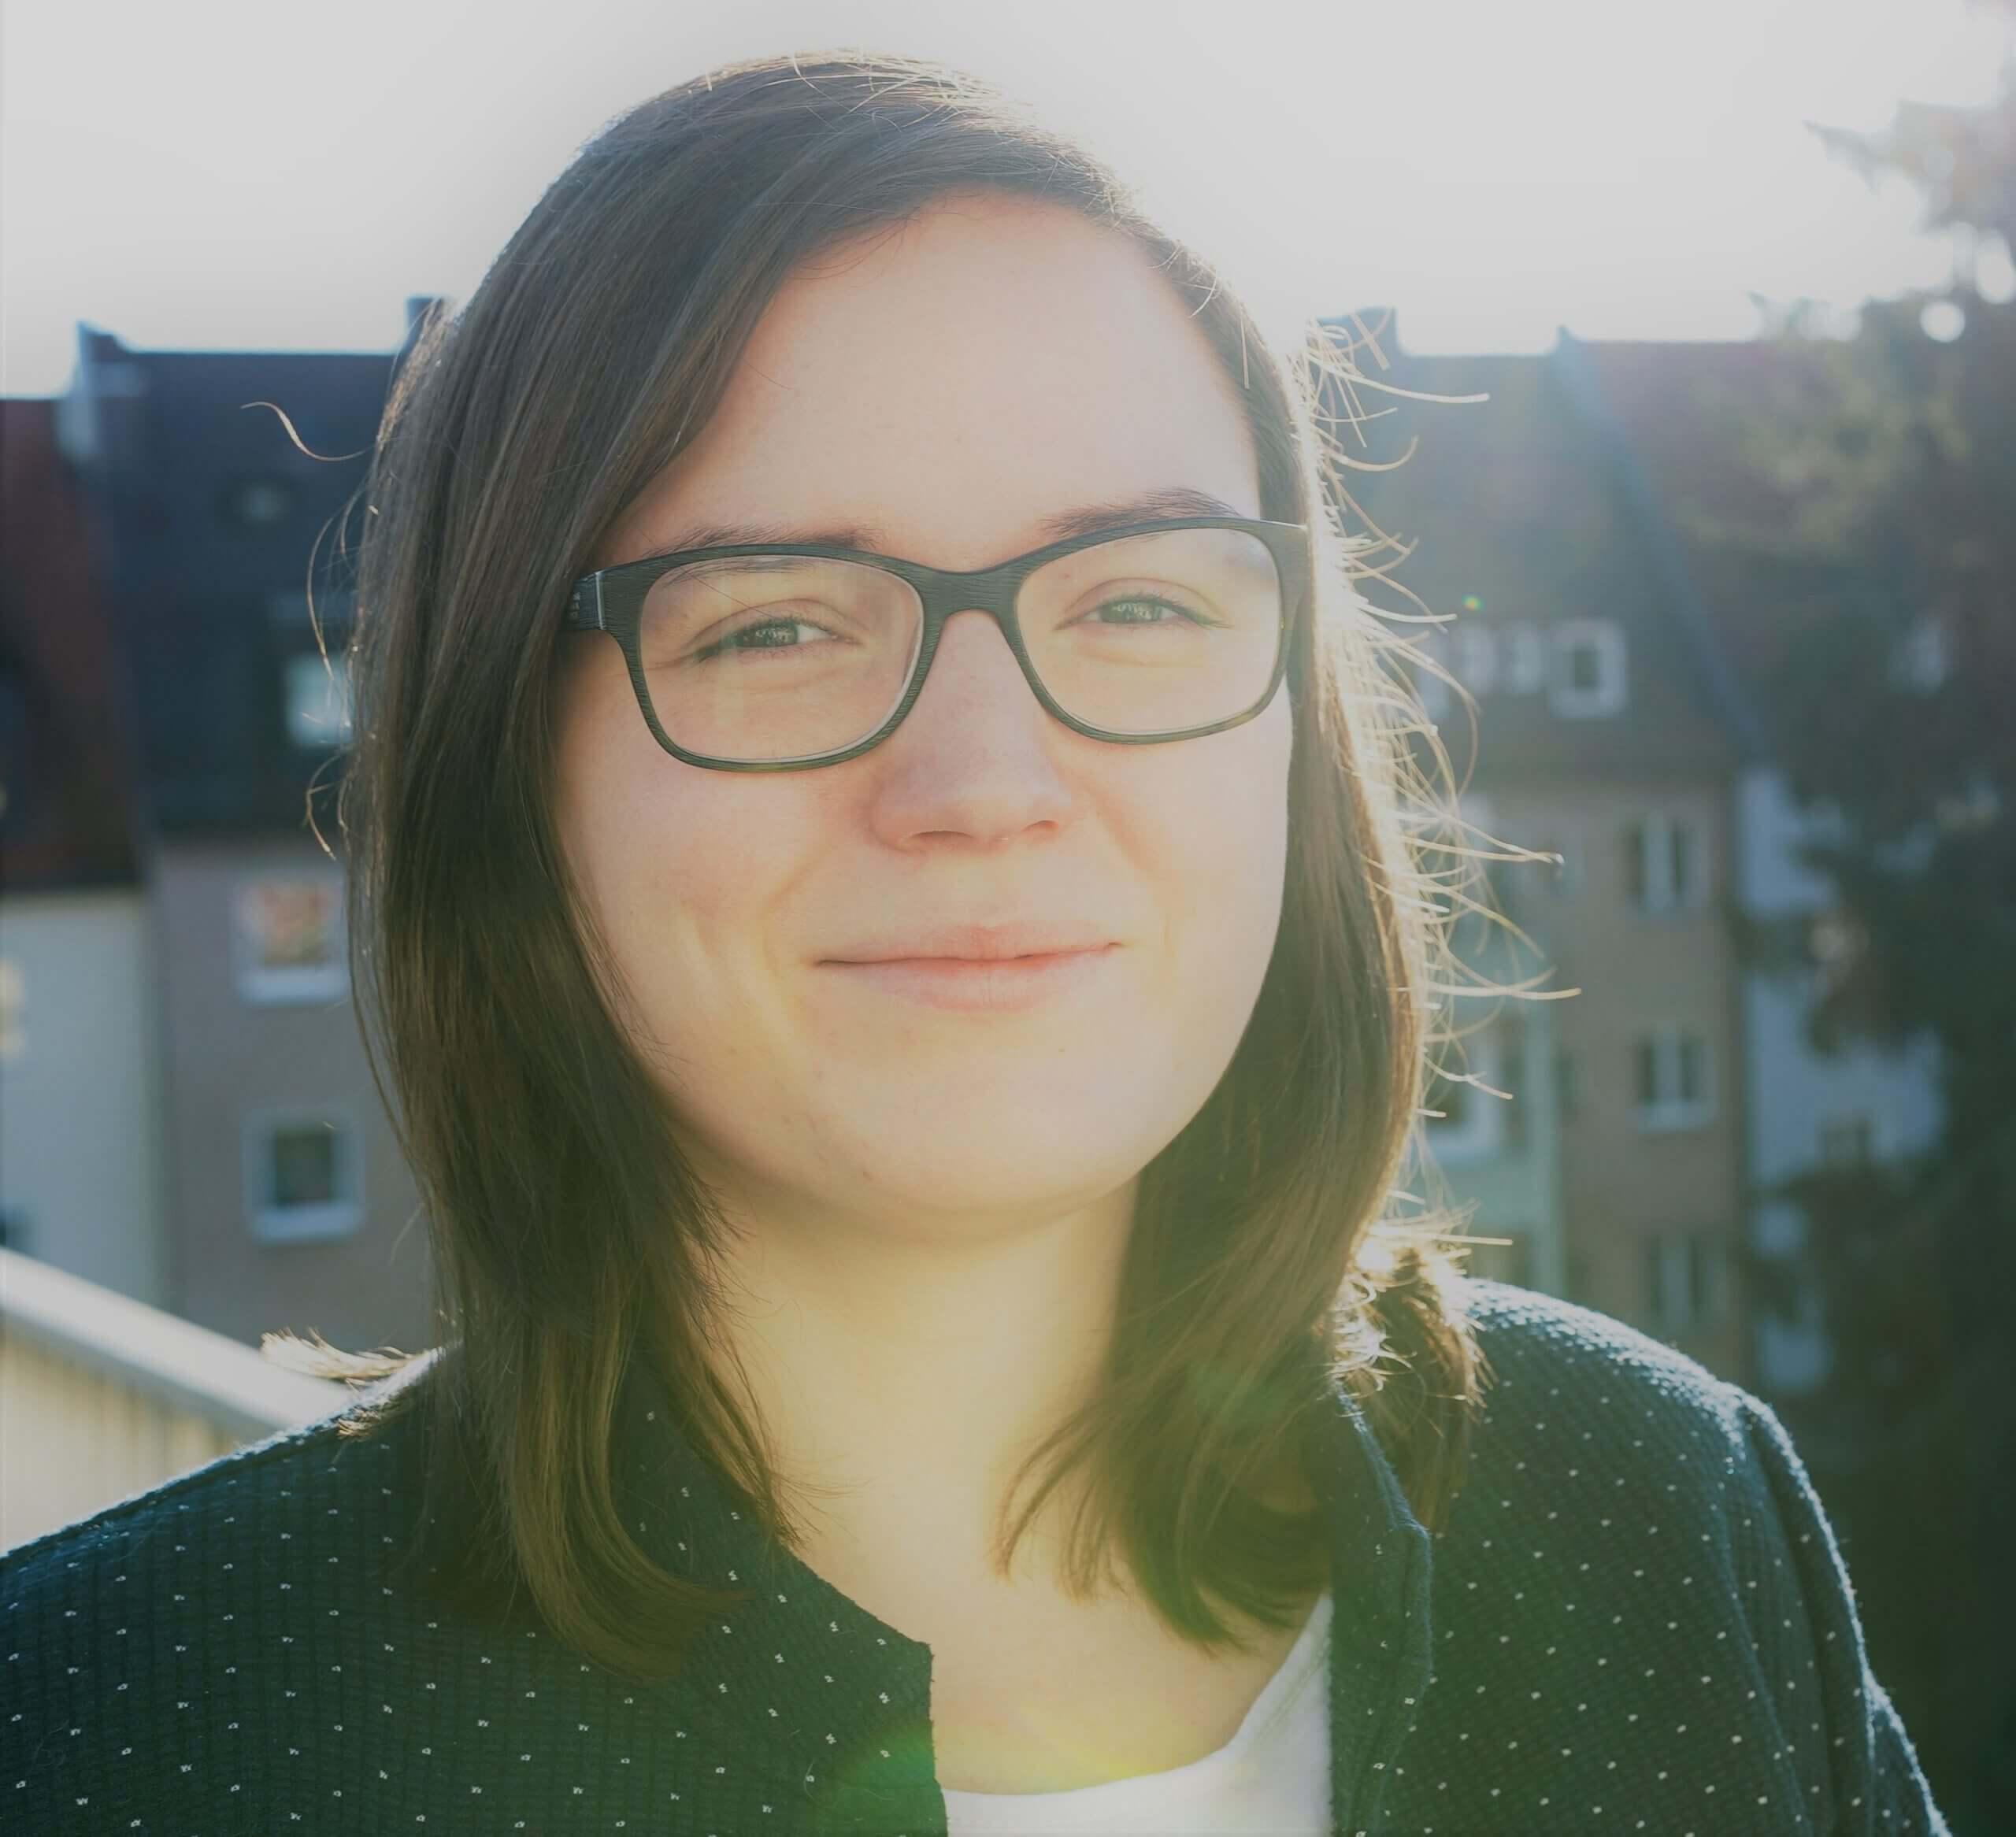 Hanna Seer